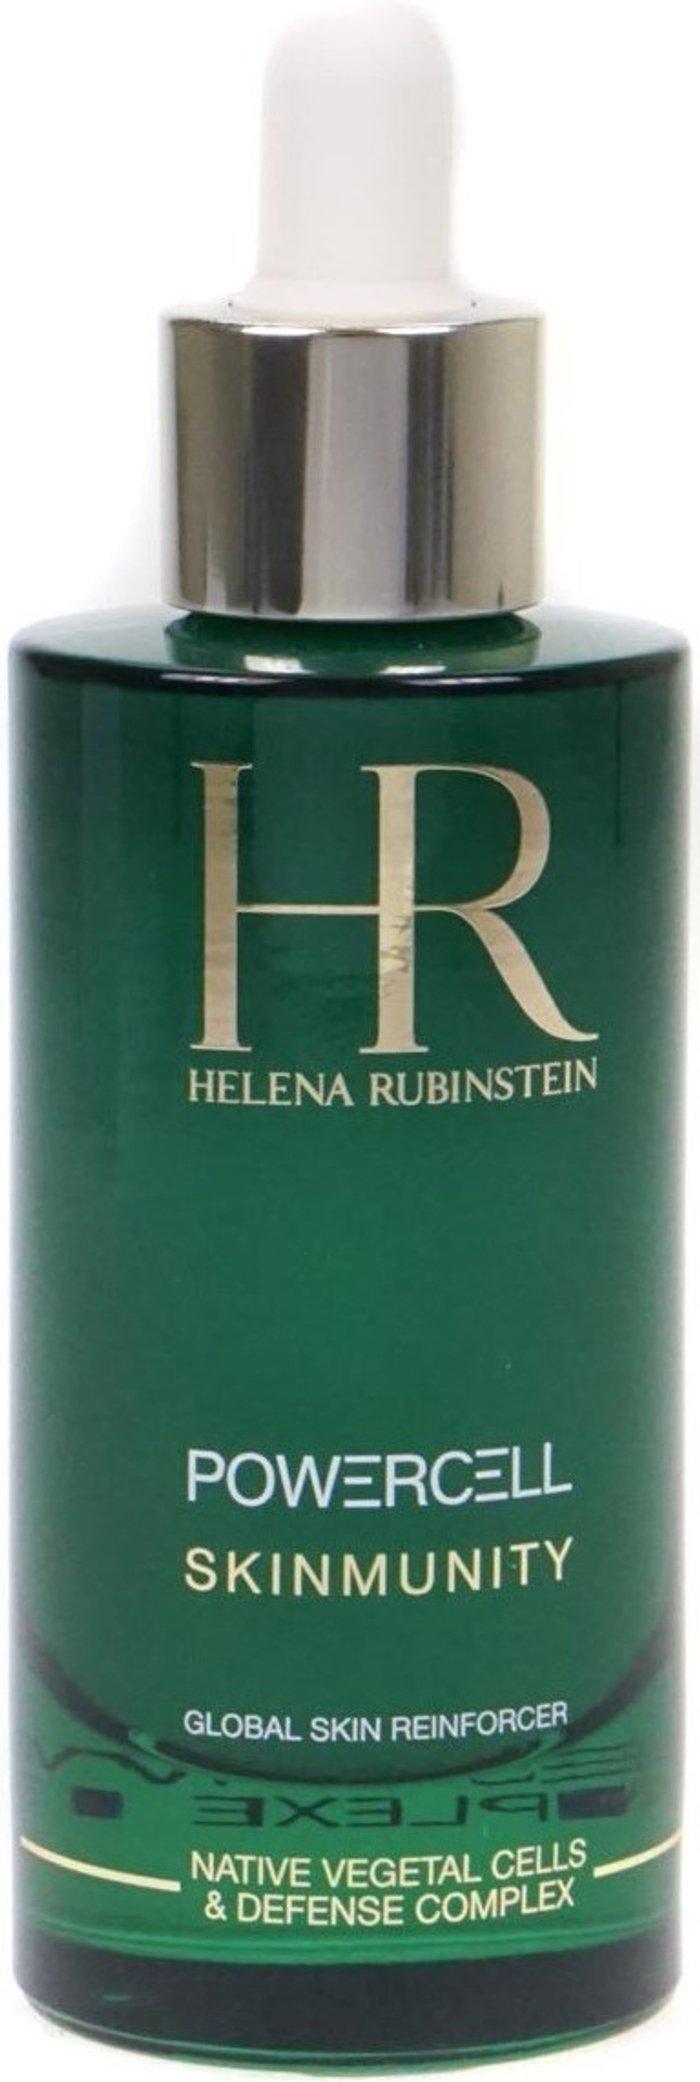 Helena Rubinstein Helena Rubinstein Powercell Skinmunity Serum (30ml)